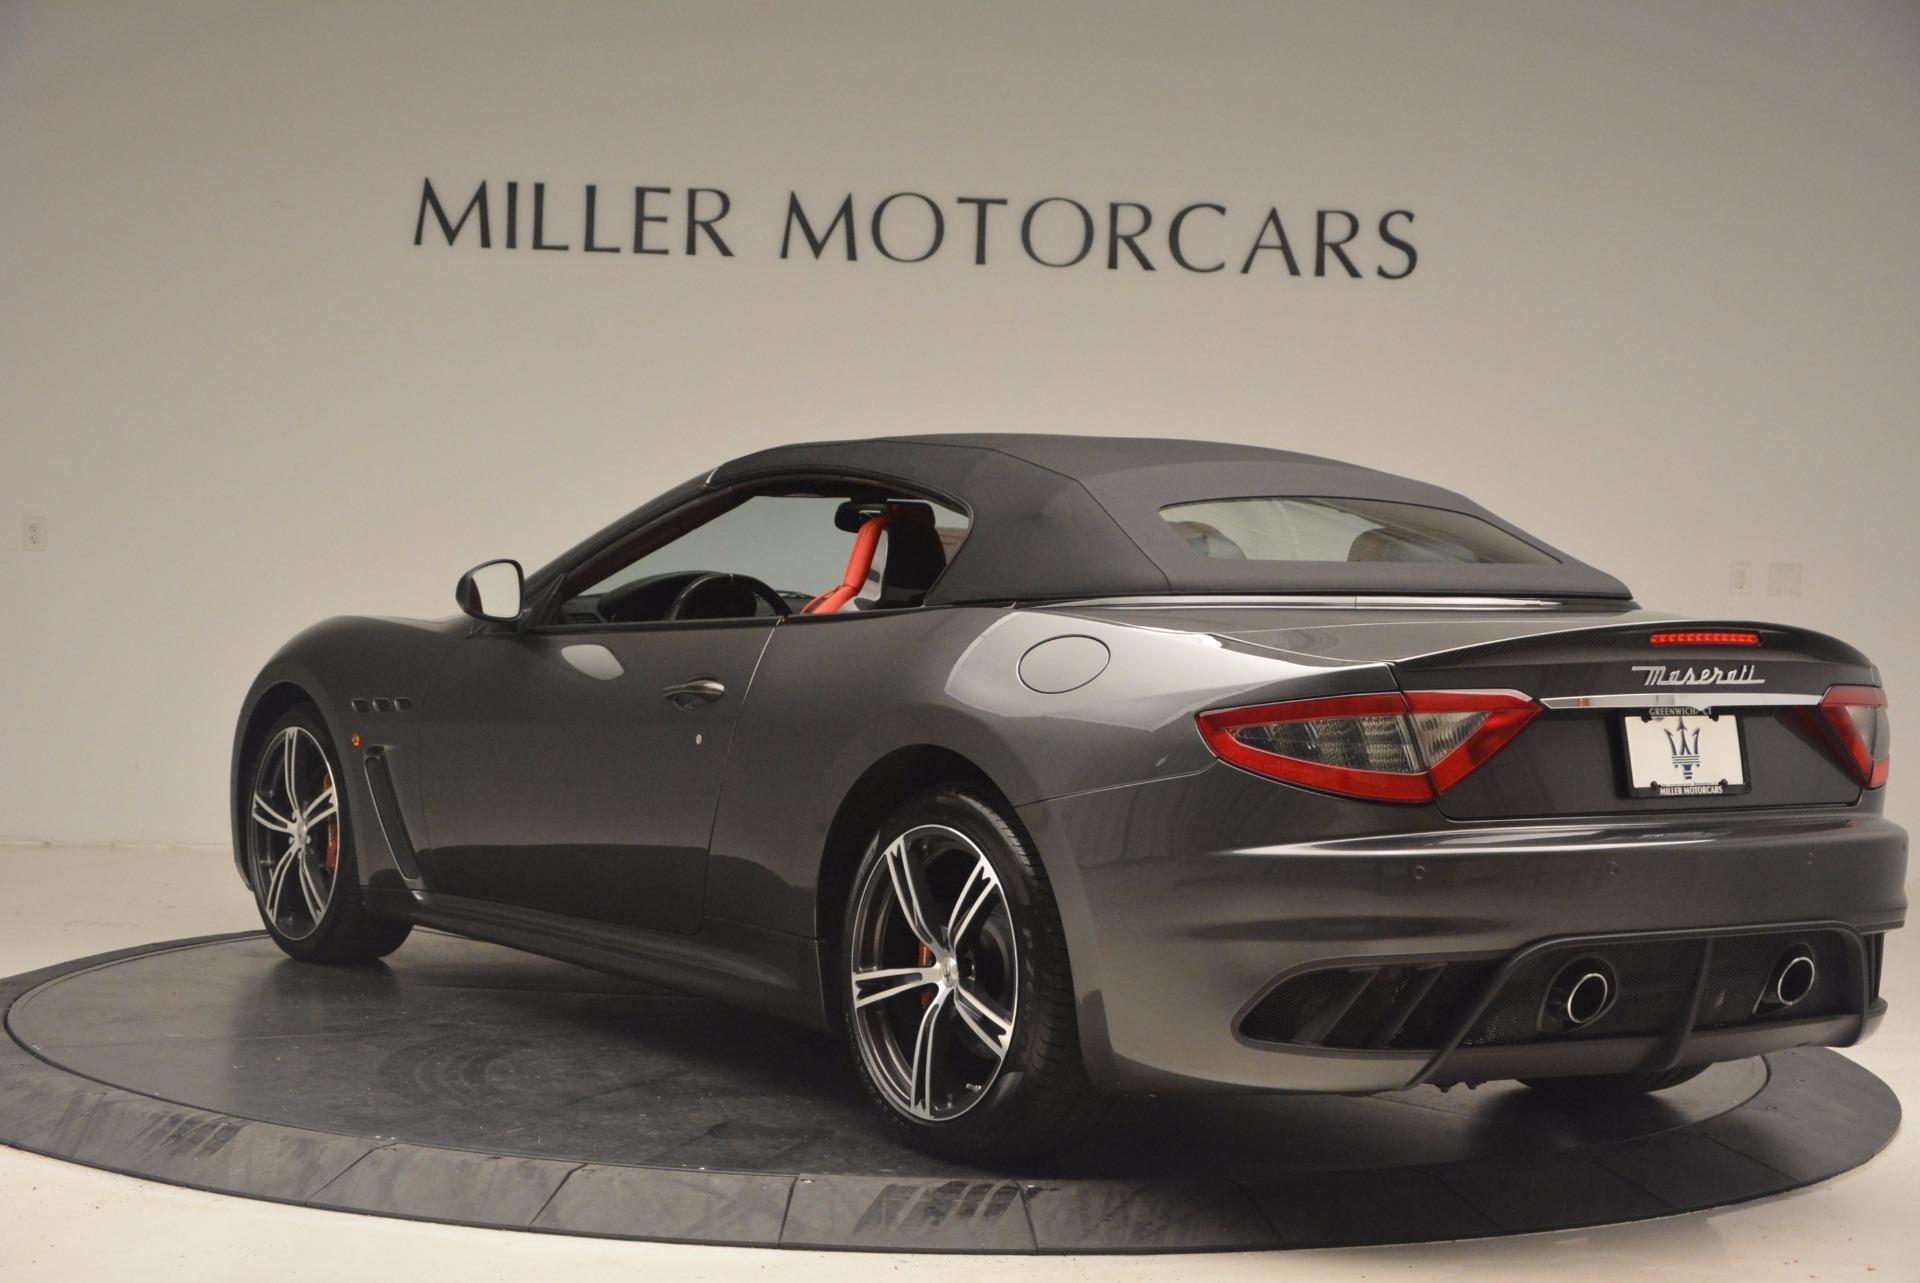 Used 2015 Maserati GranTurismo MC For Sale In Greenwich, CT 1135_p17